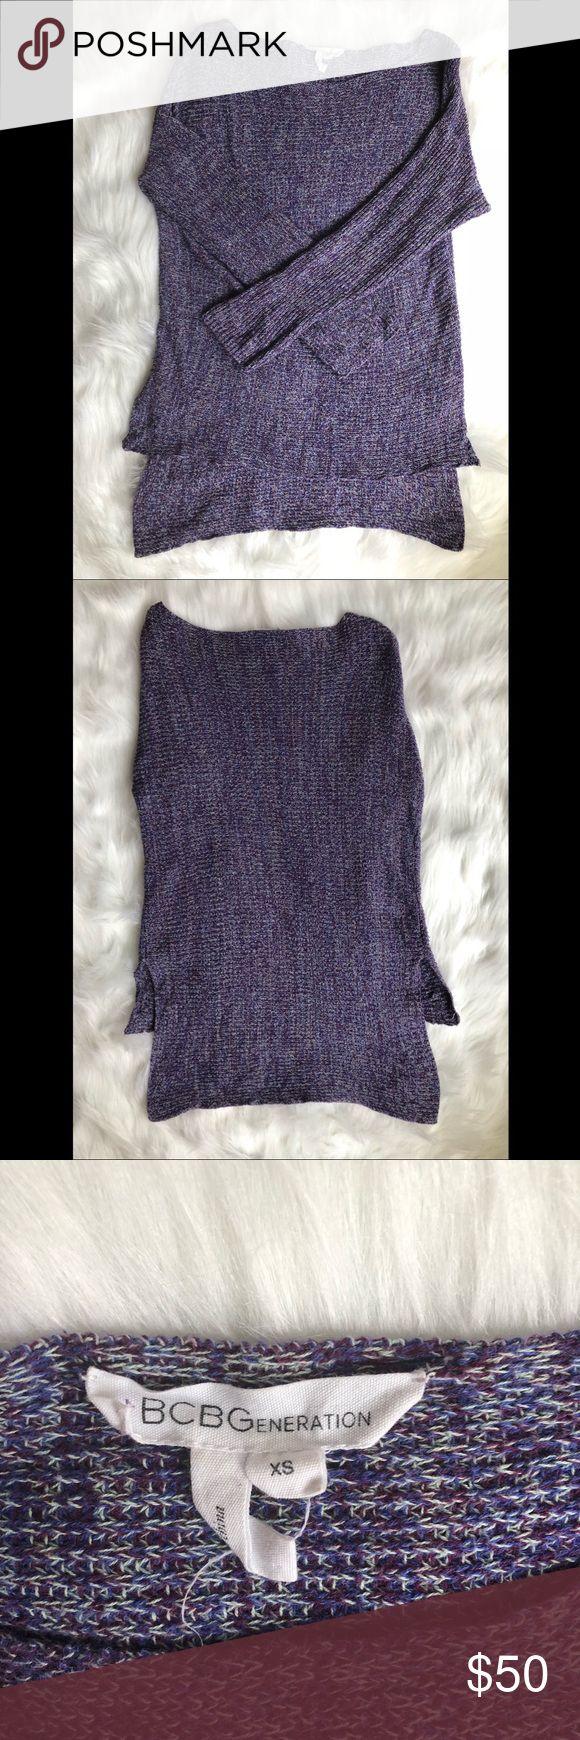 I just added this listing on Poshmark: BCBG Knitted Sweater. #shopmycloset #poshmark #fashion #shopping #style #forsale #BCBGeneration #Sweaters